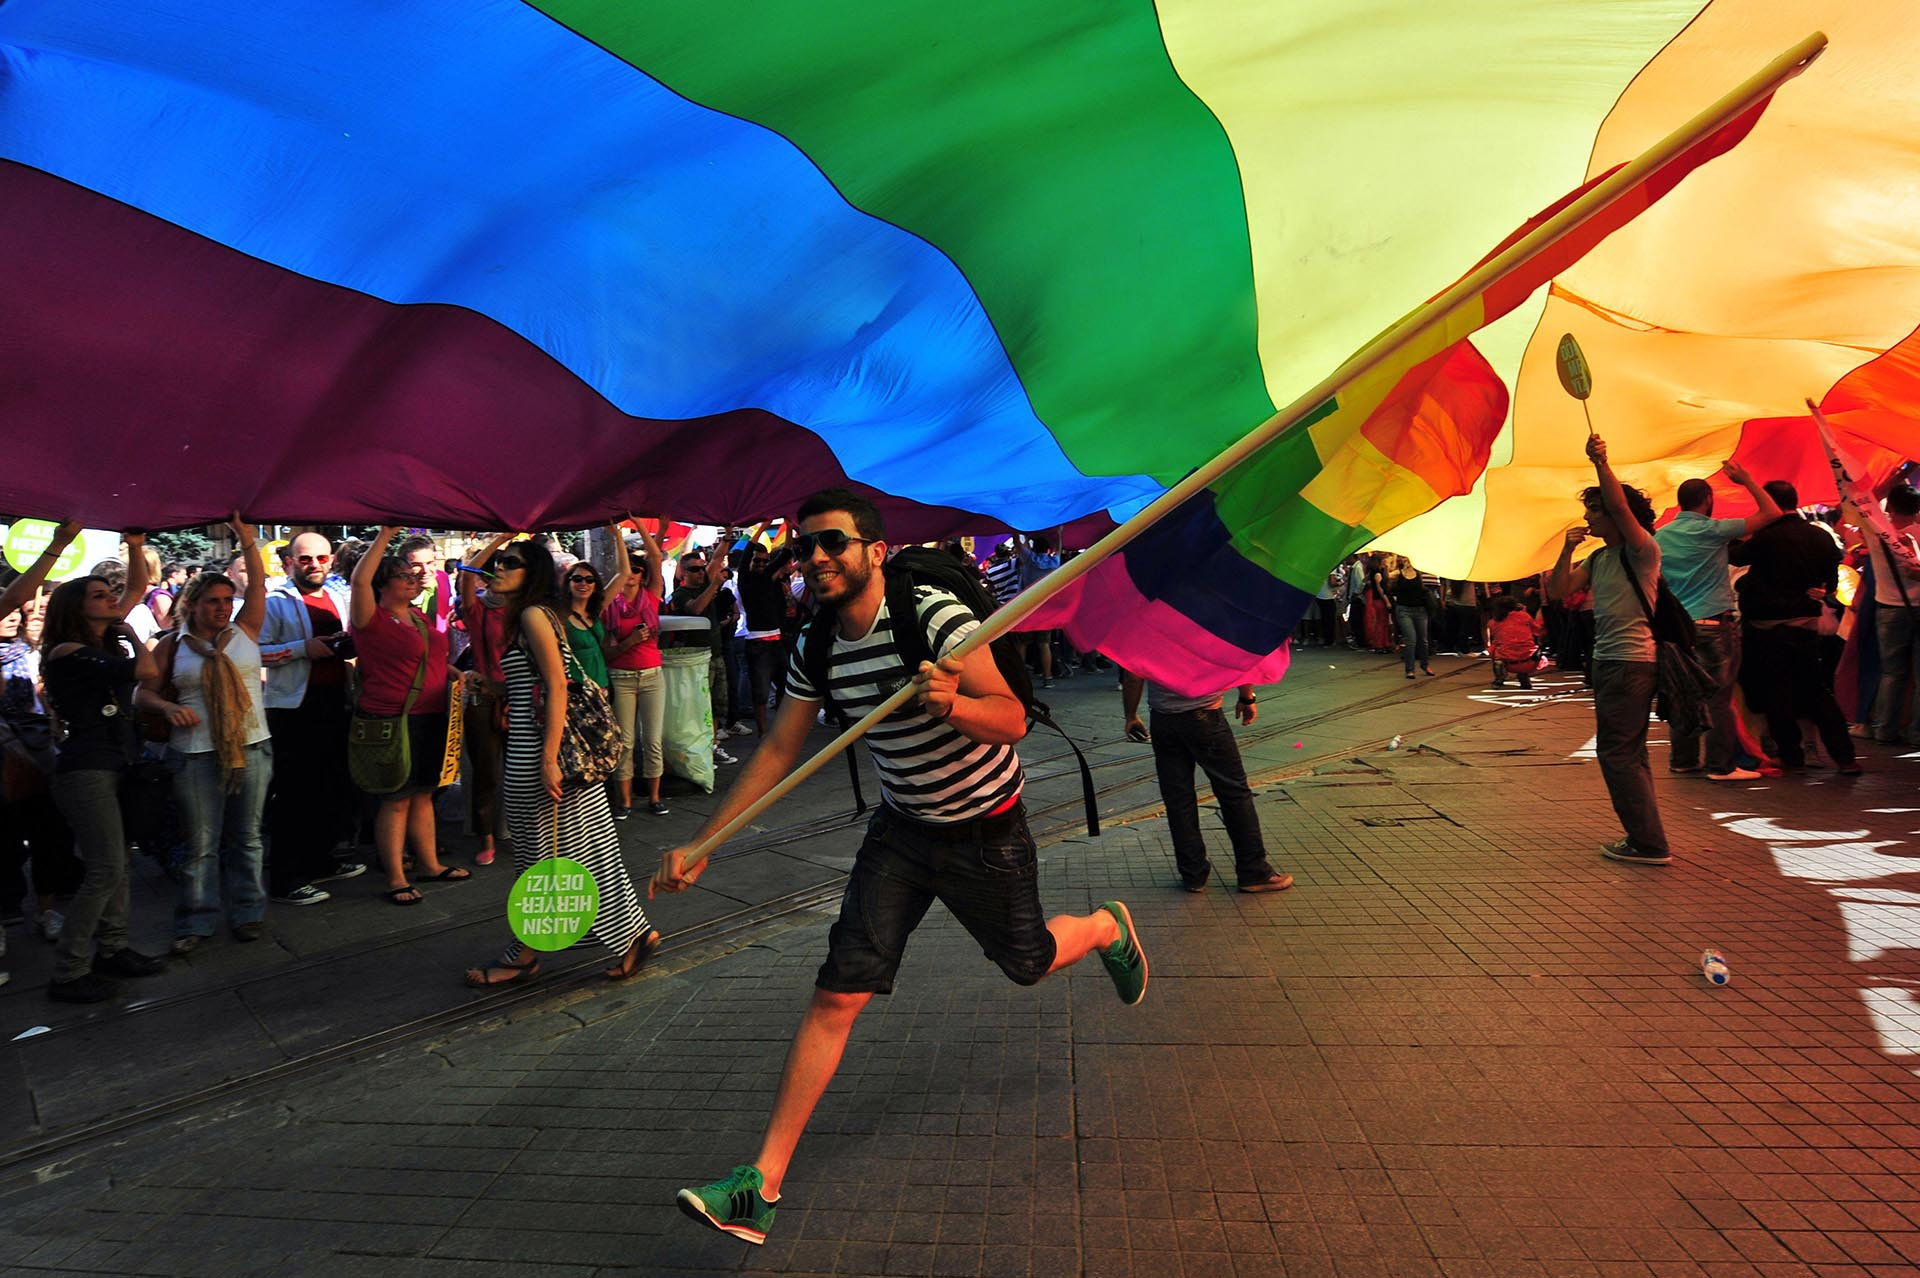 La gente participa en el Desfile del Orgullo en la Avenida Istiklal de Estambul el 26 de junio de 2011